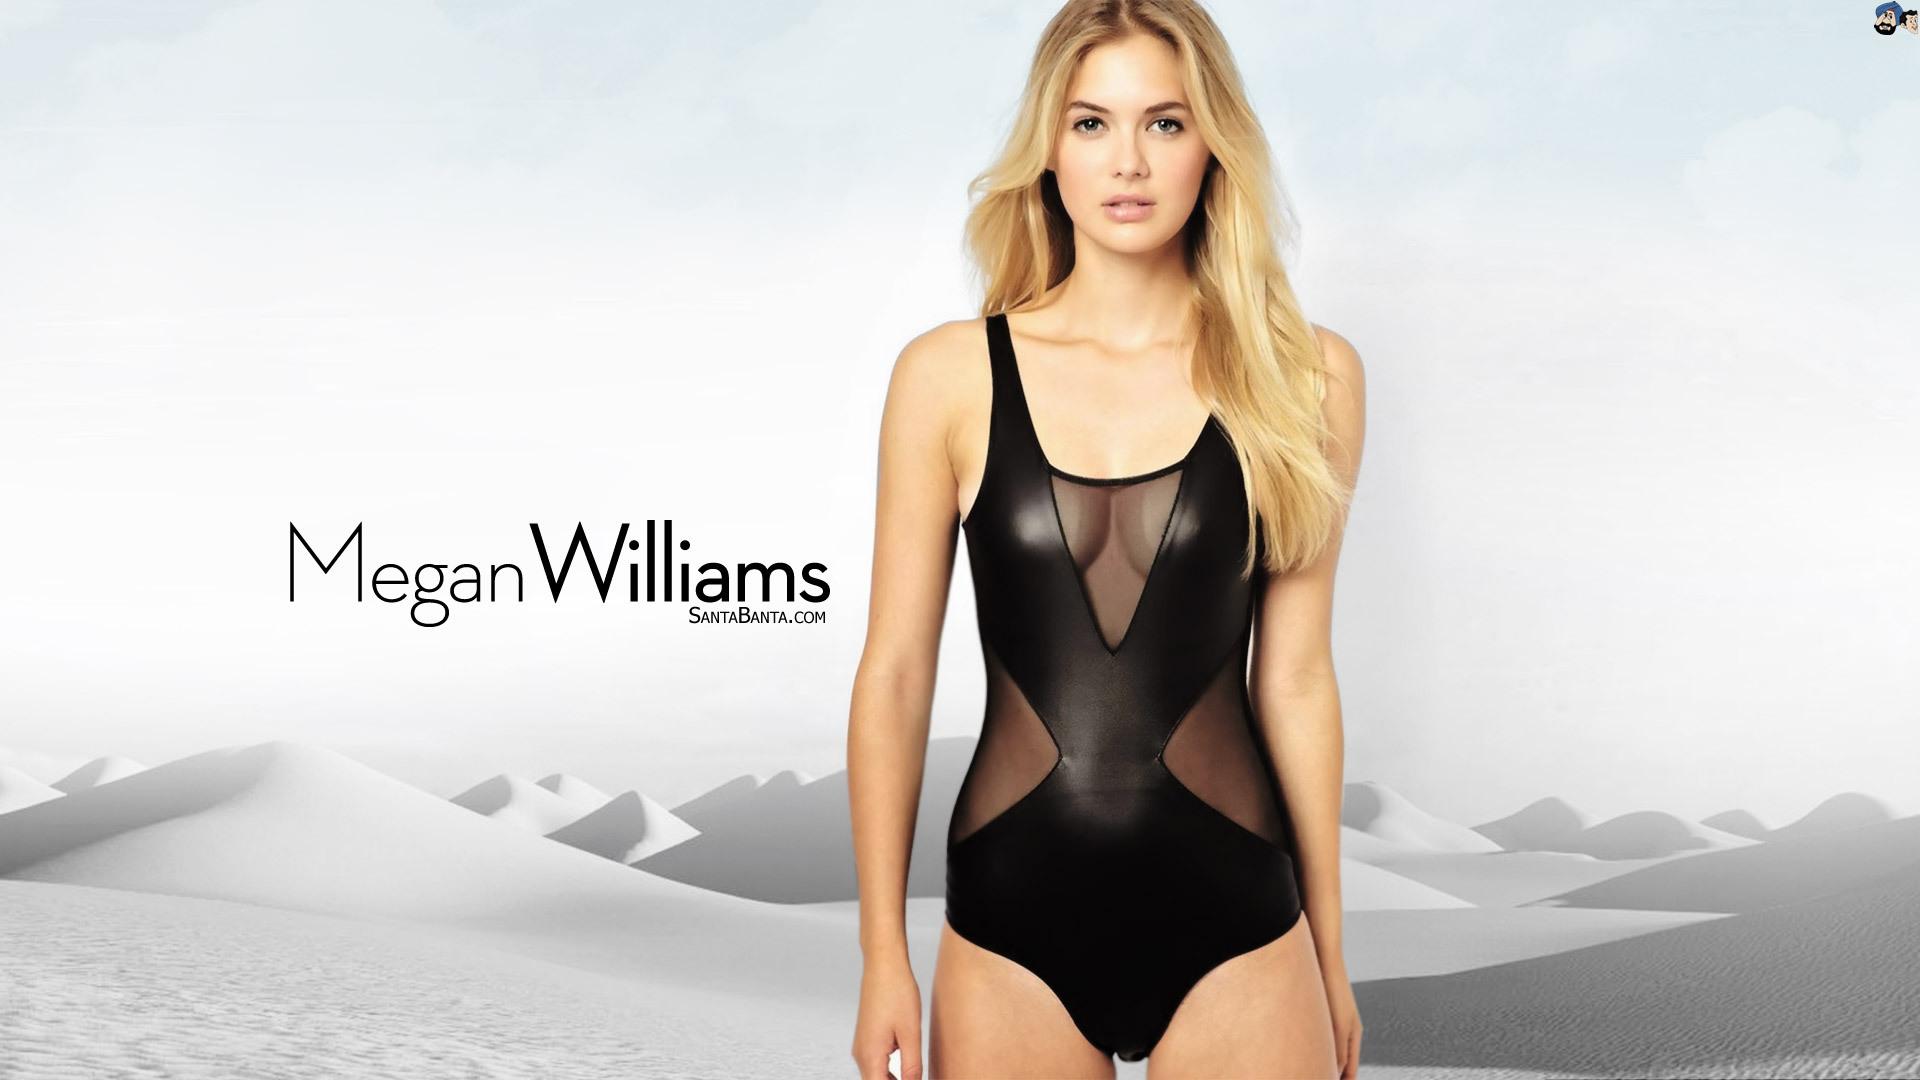 Megan Williams Wallpapers Hd